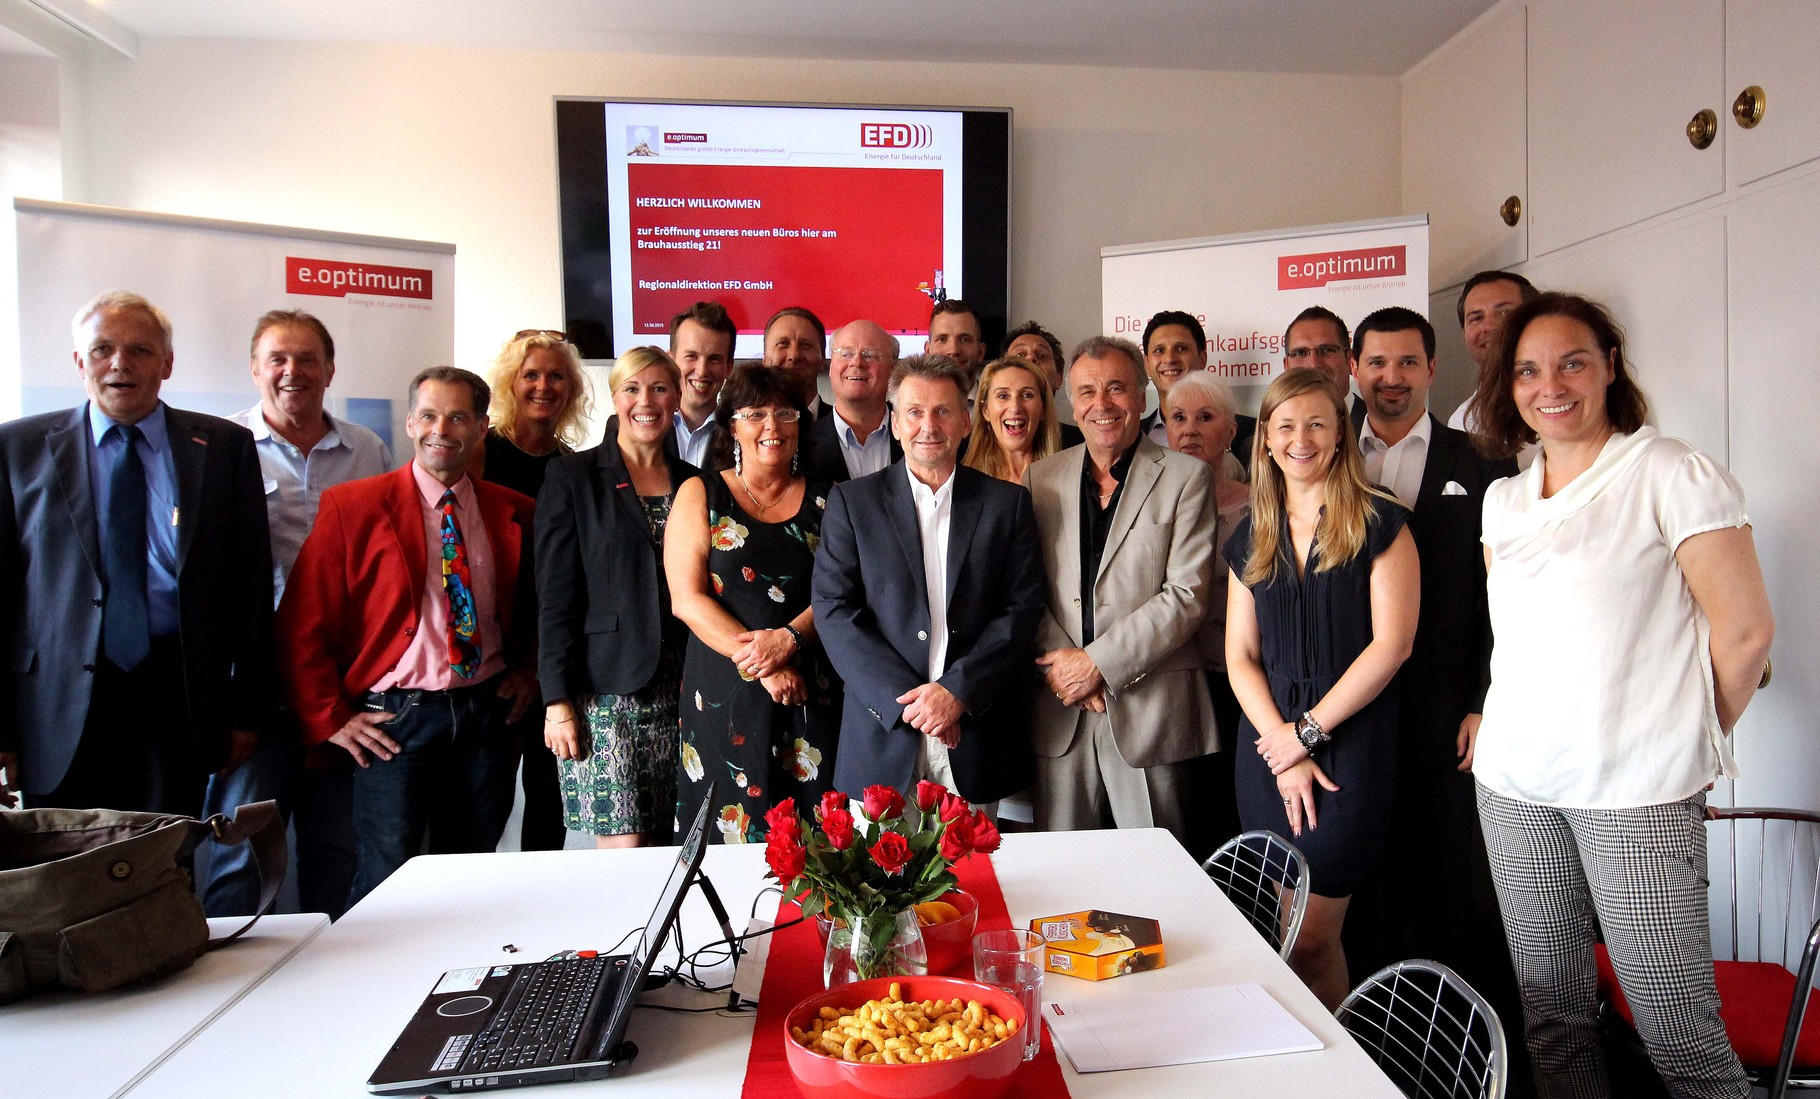 Das Team der Regionaldirektion EFD GmbH der e.optimum AG